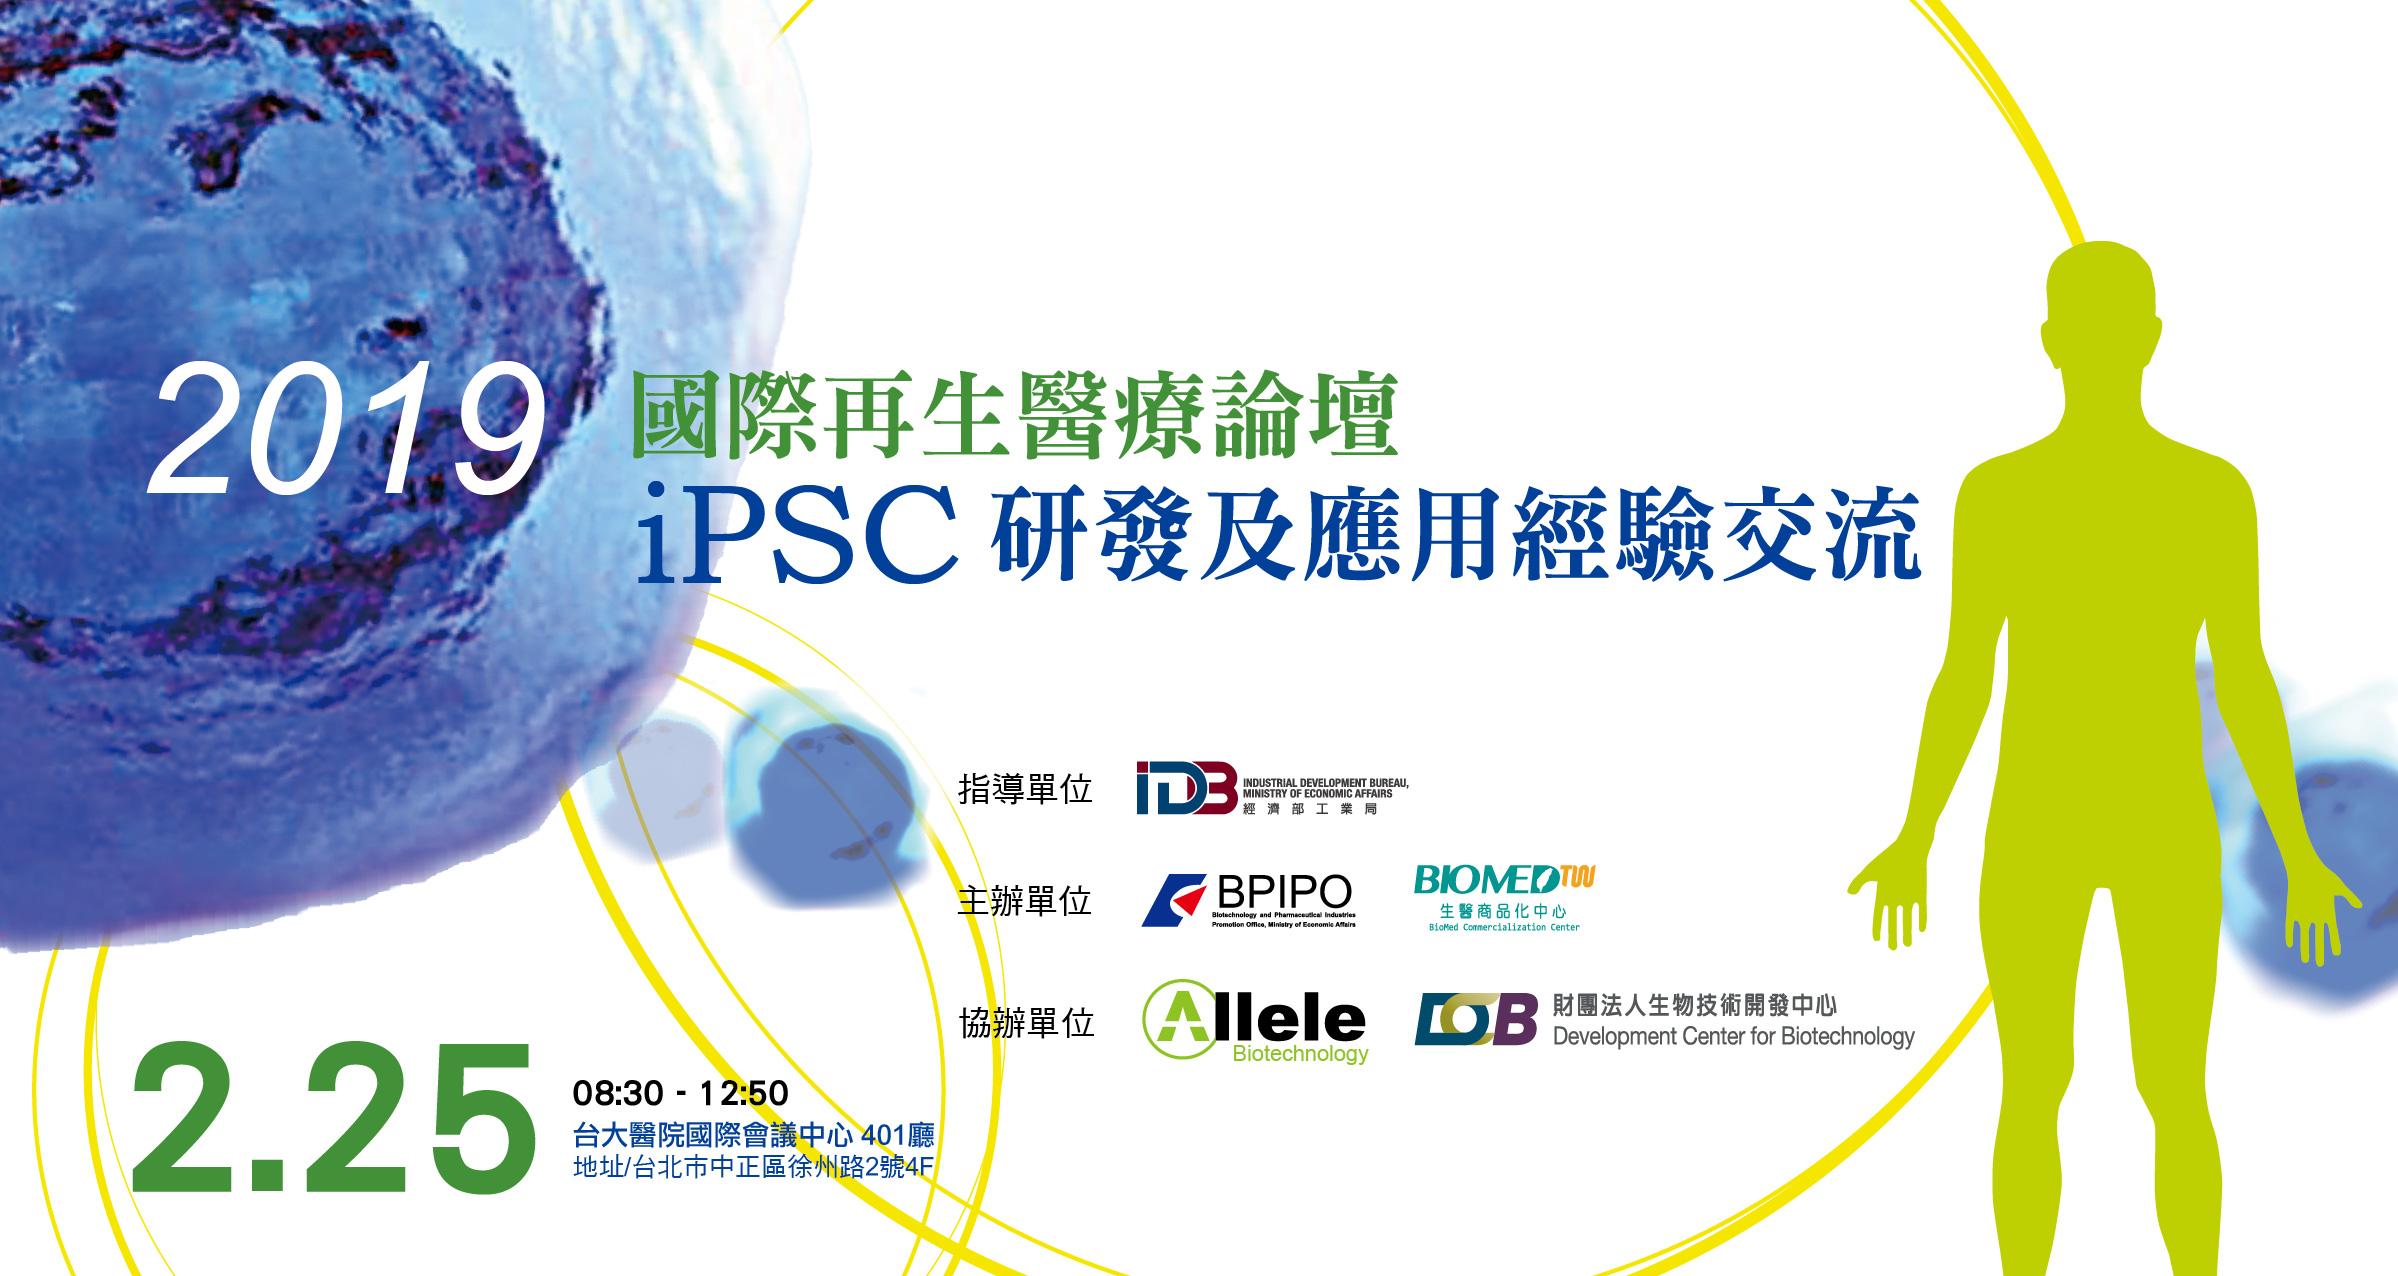 2019國際再生醫療論壇-iPSC研發及應用經驗交流主視-website-04